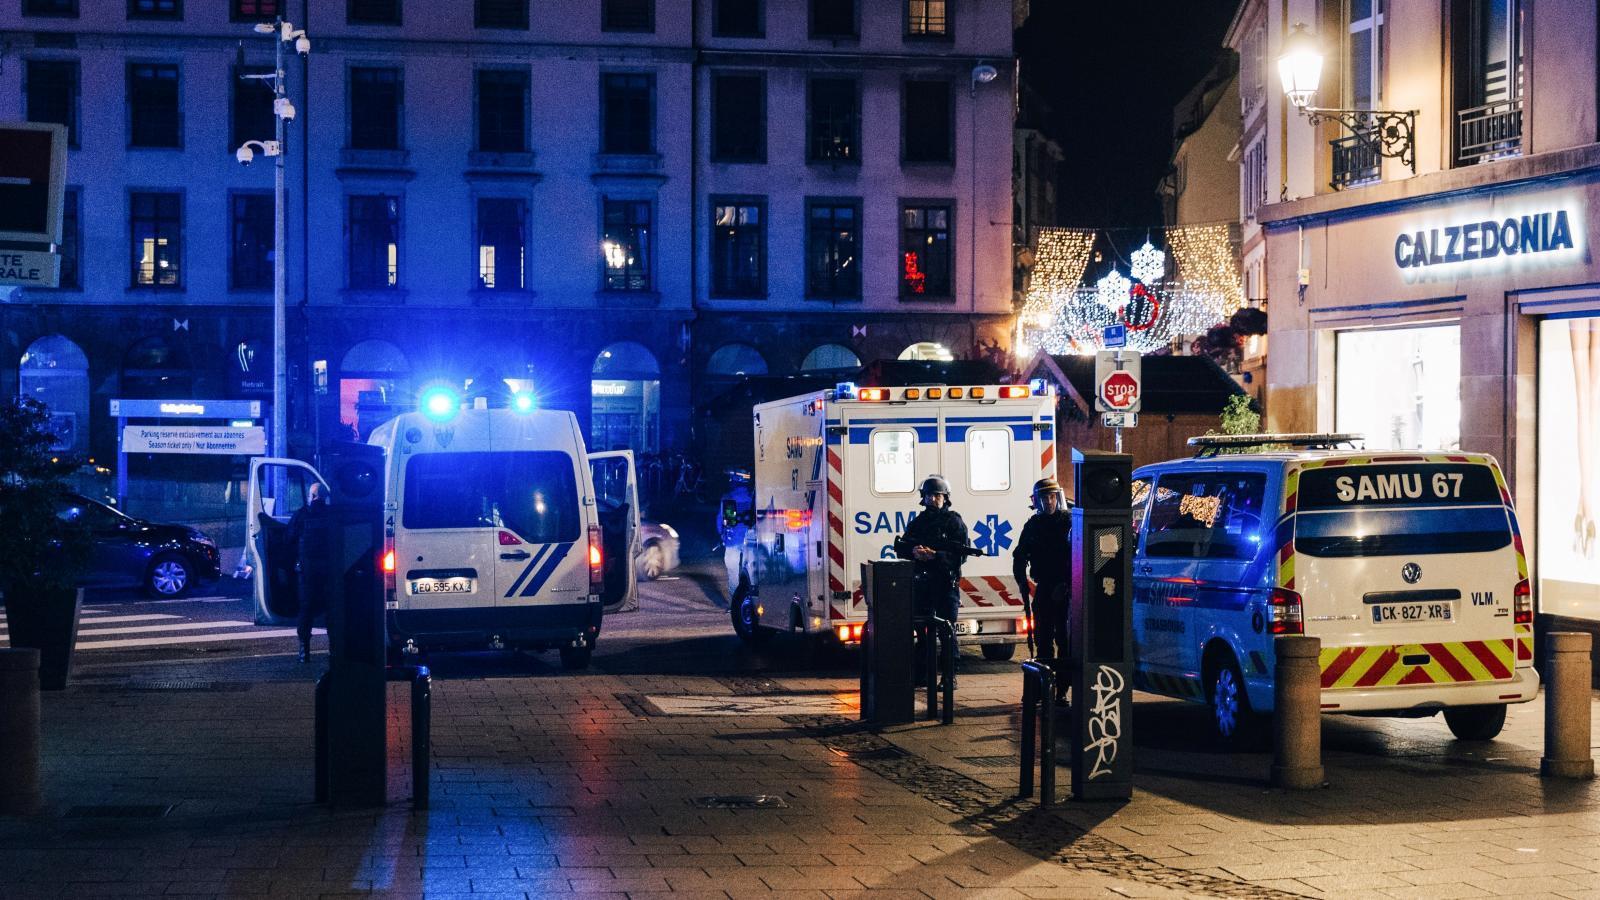 คนไทยเสียชีวิต!!  ในเหตุกราดยิงที่สตราส์บูร์ก ฝรั่งเศส